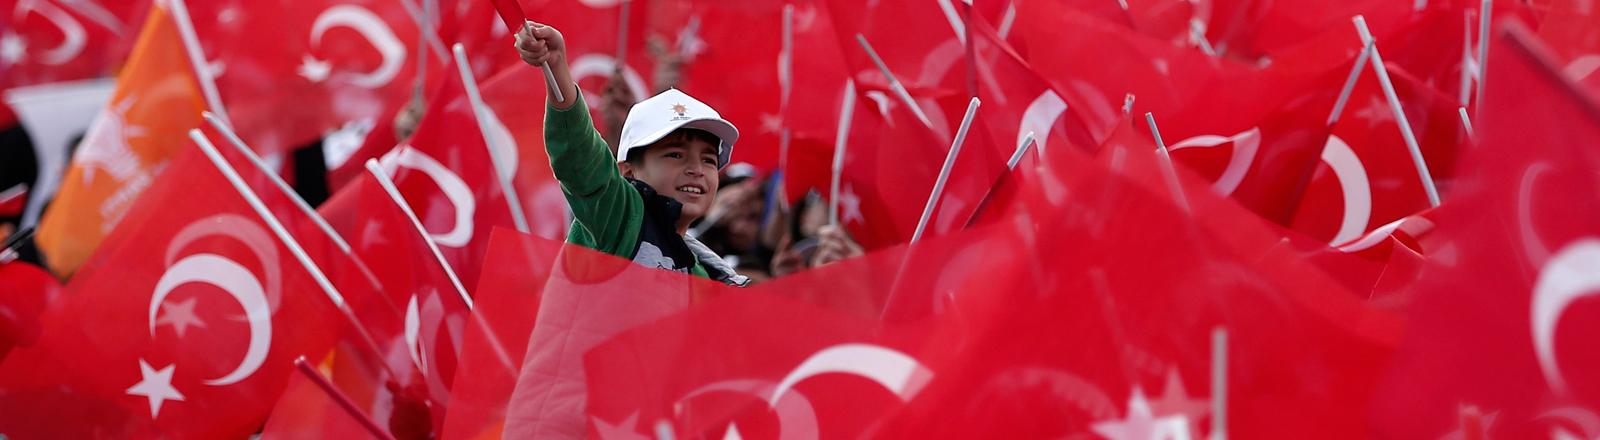 Aus einem Meer aus Türkei-Fahnen lugt ein kleiner Junge hervor und lächelt